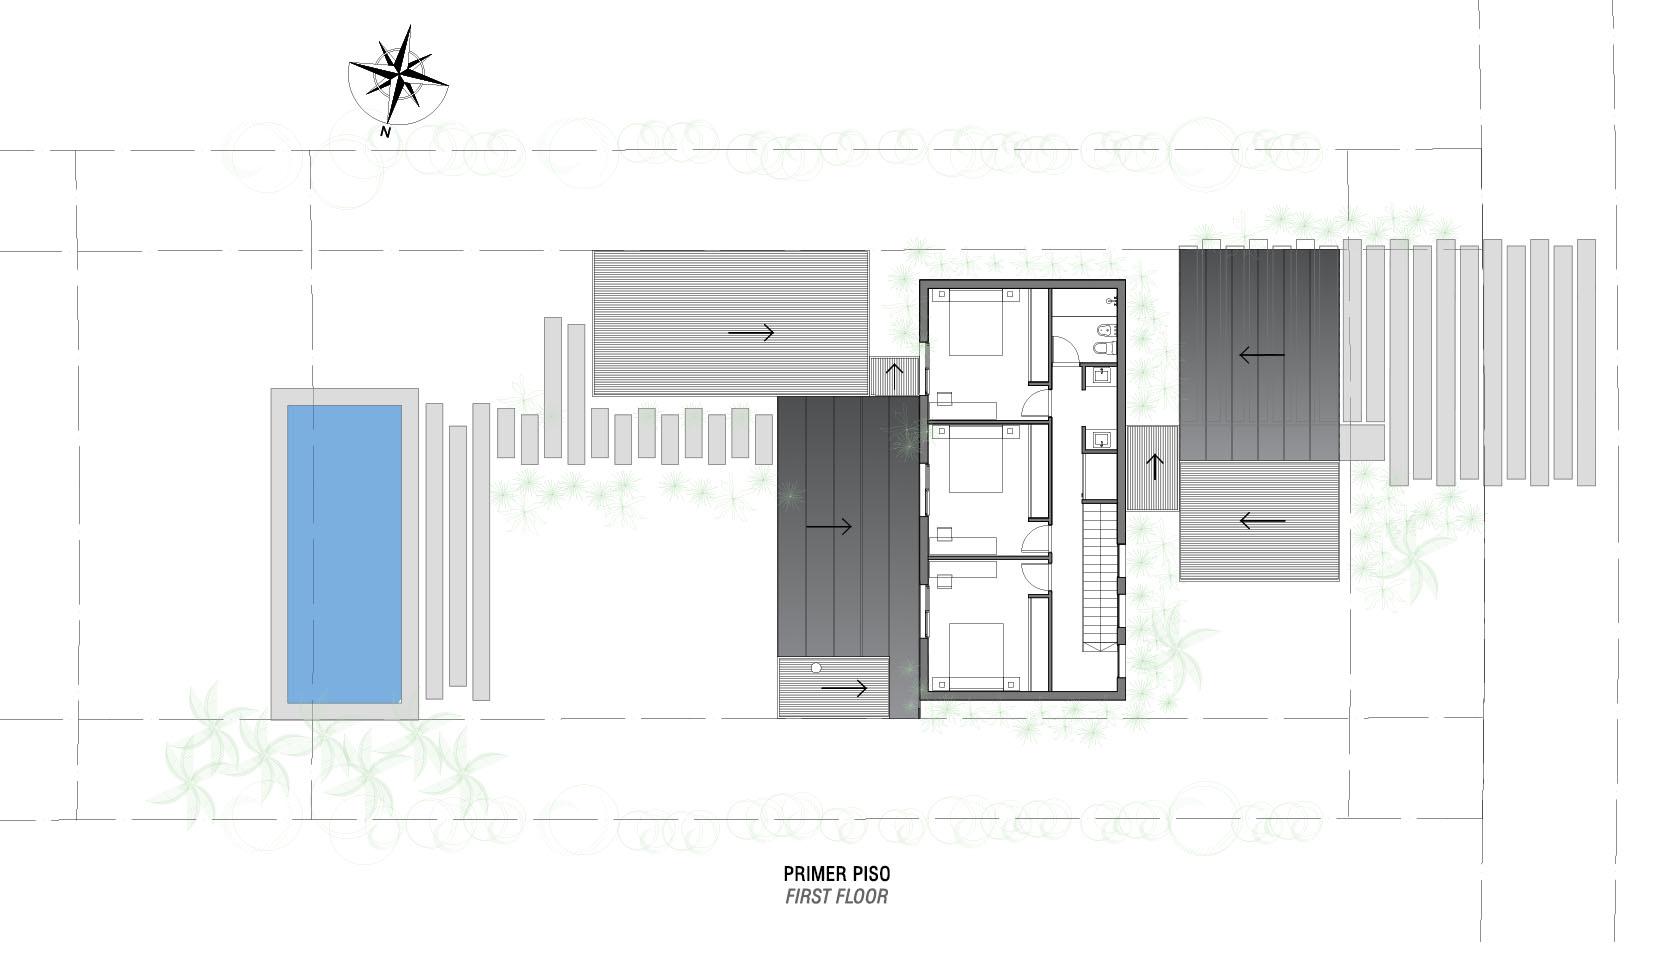 Primer piso